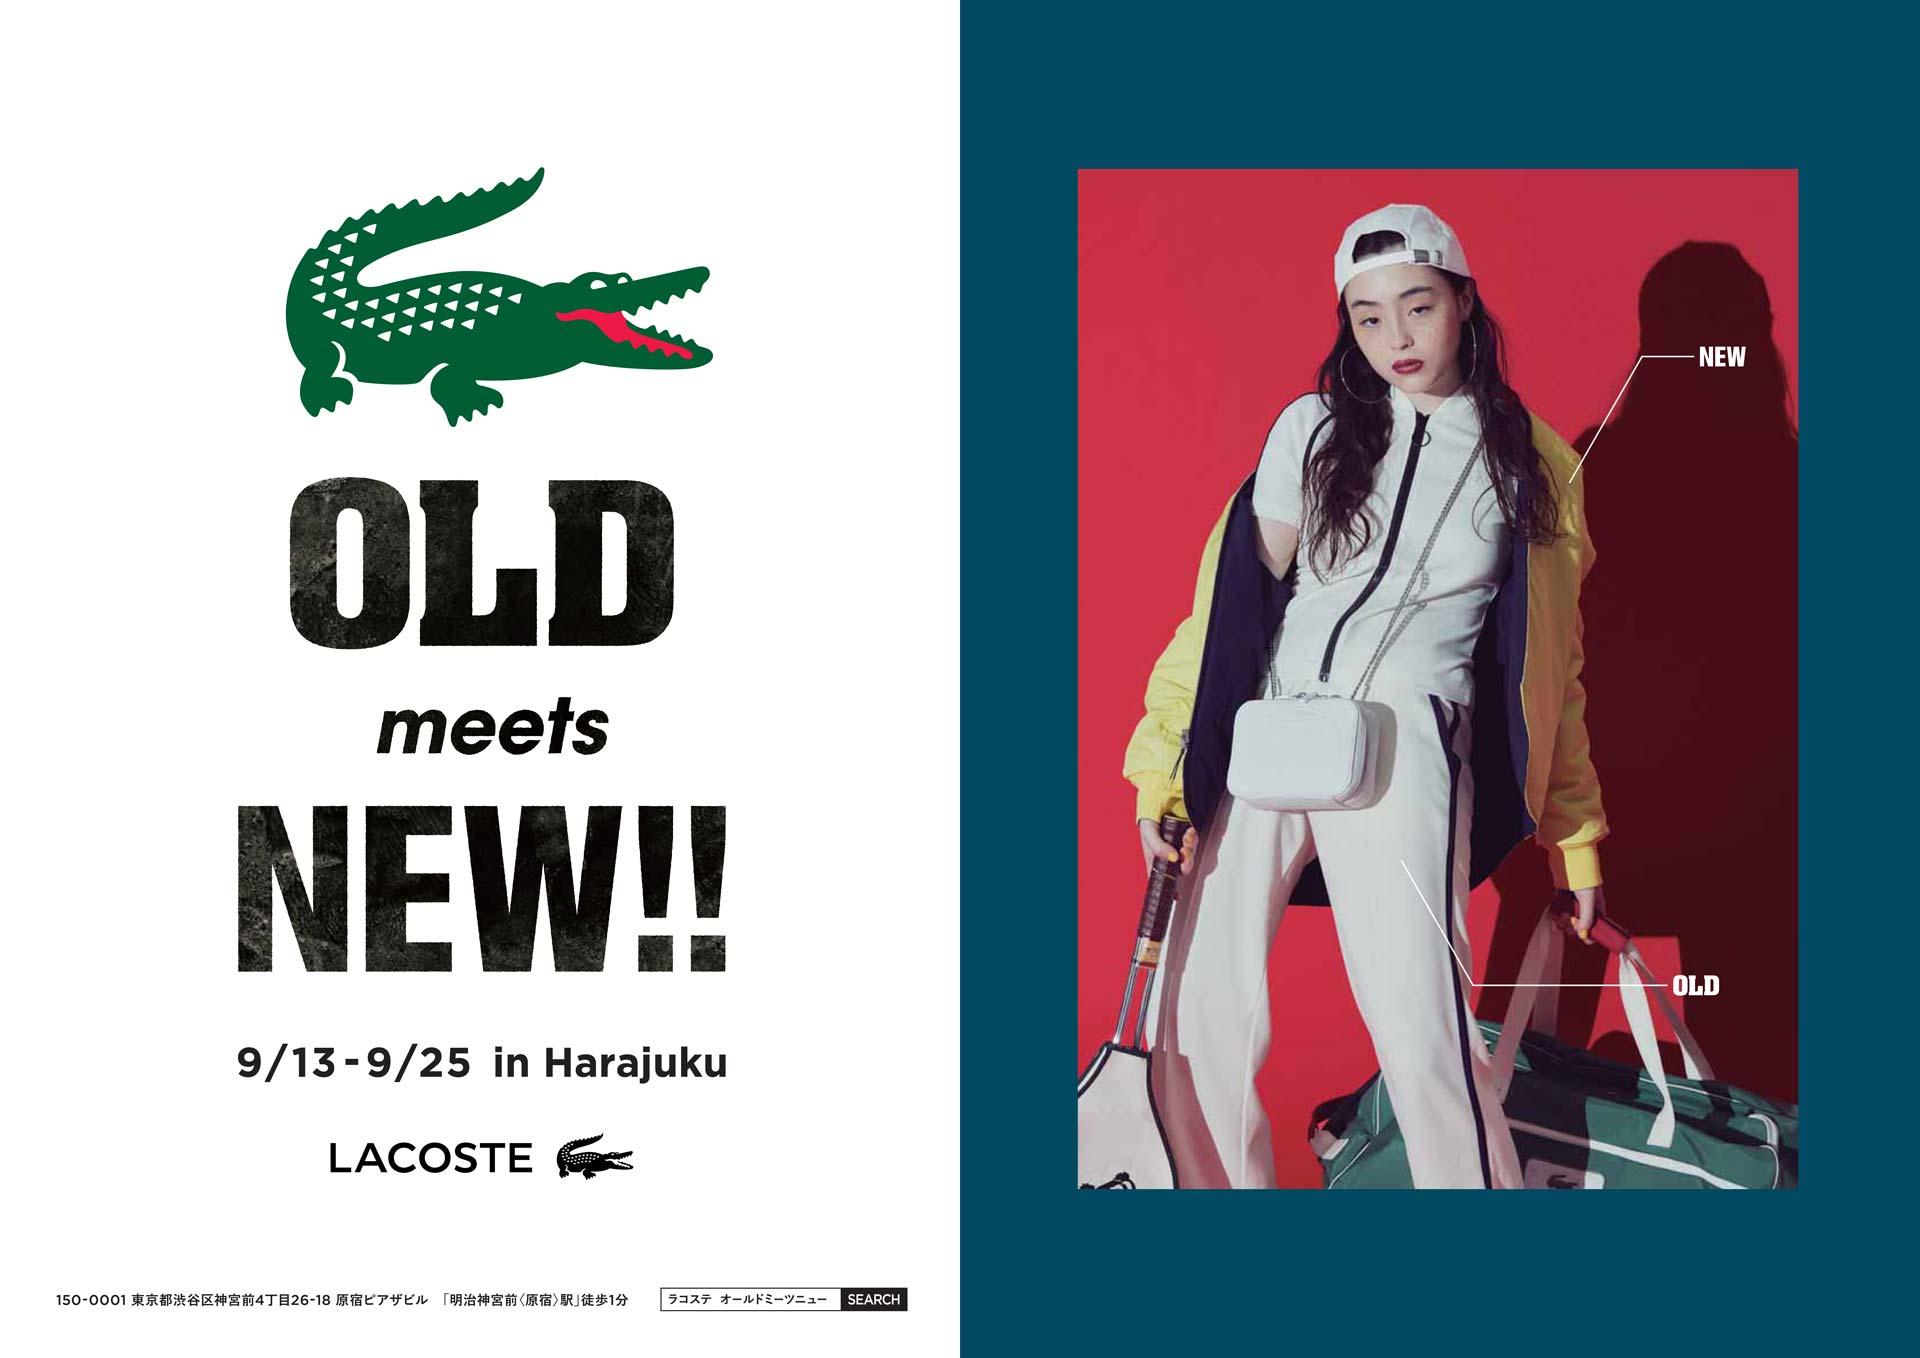 ラコステ「OLD meets NEW」